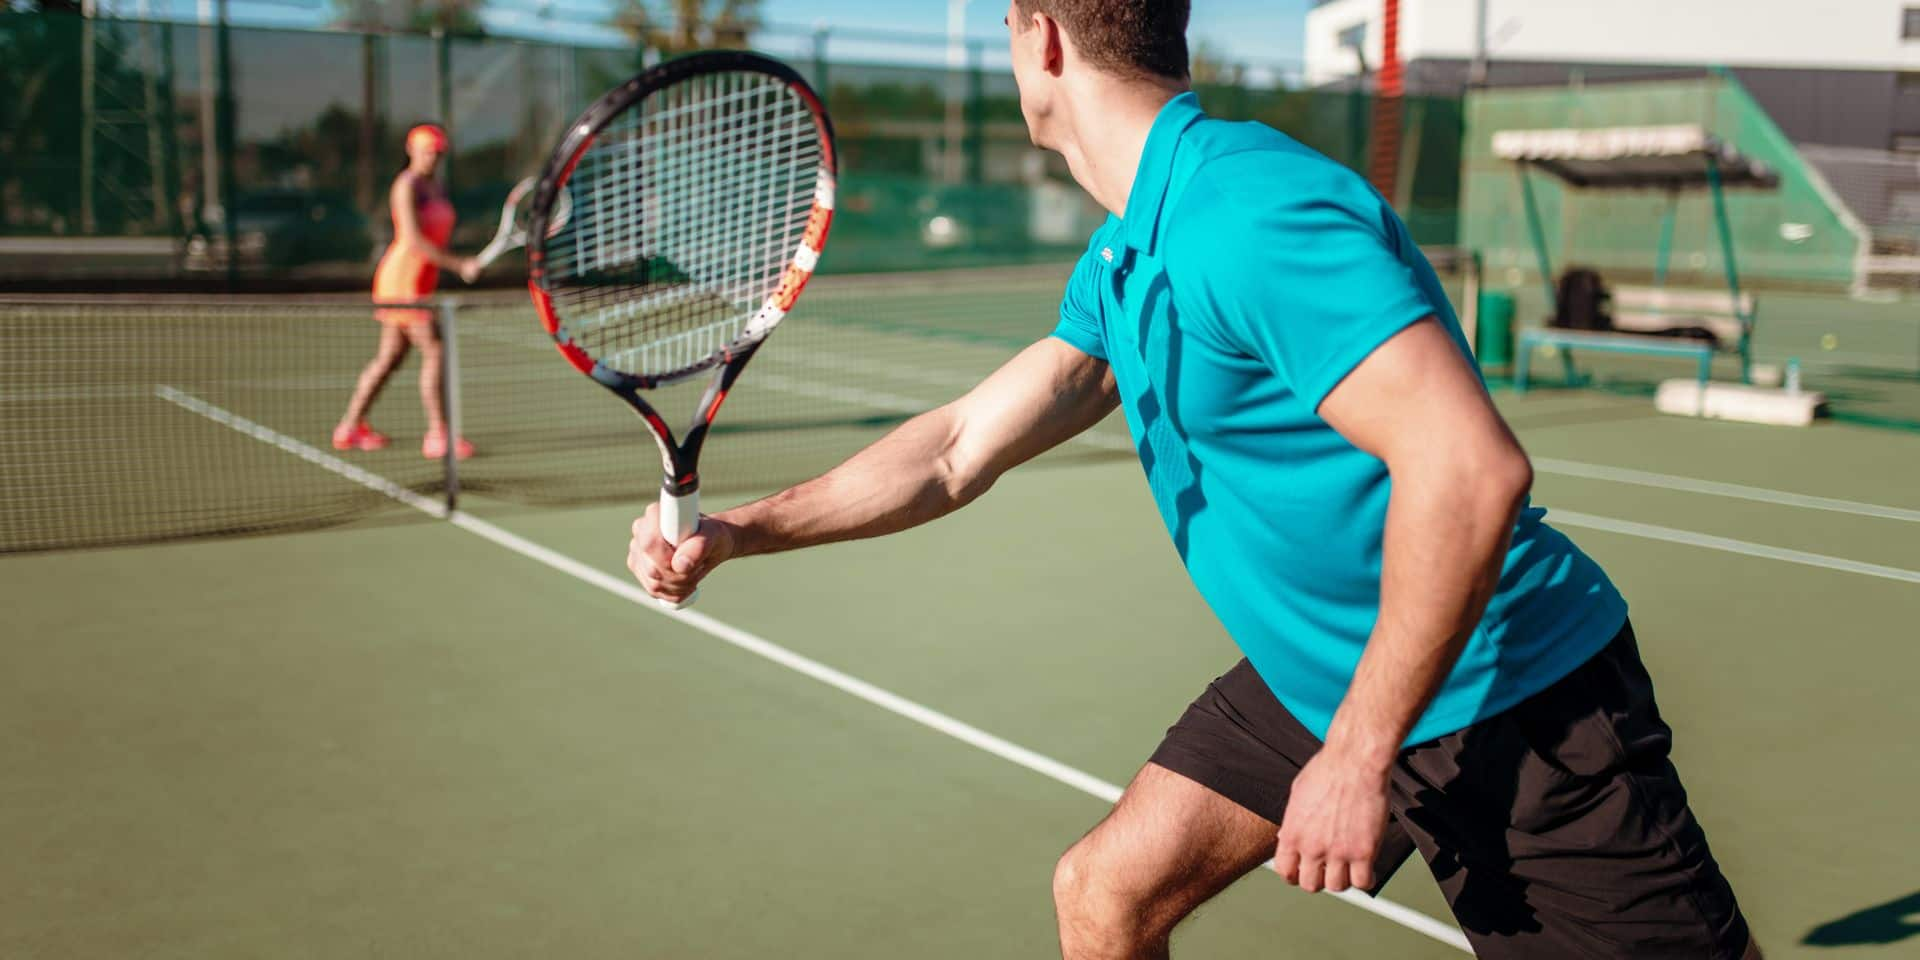 iPlayMe2, le tinder des joueurs et des joueuses de tennis